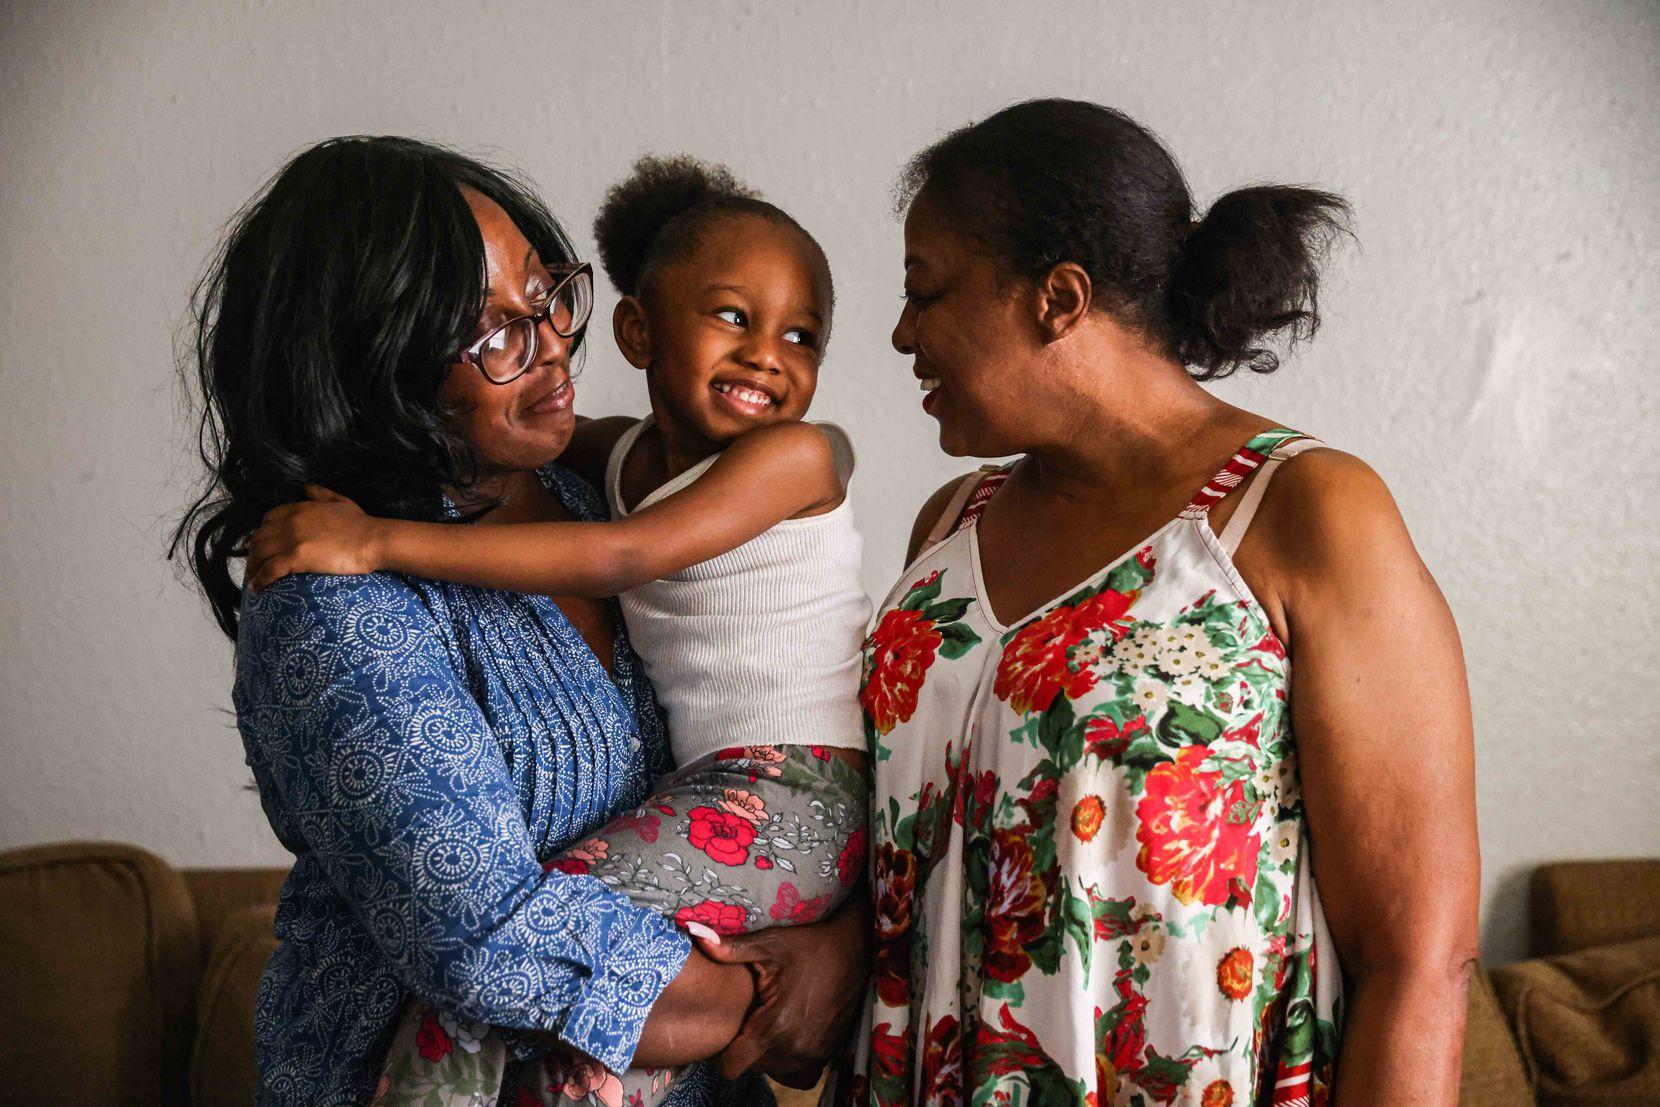 Misha LaMarche, de 33 años, junto a su hija Suggah Lamarche, de 4, y su madre, Cheryl Green, de 58, en la sala de su casa. Su rentero finco una demanda para desalojarla y, por ello, intenta conseguir ayuda a través de CitySquare.